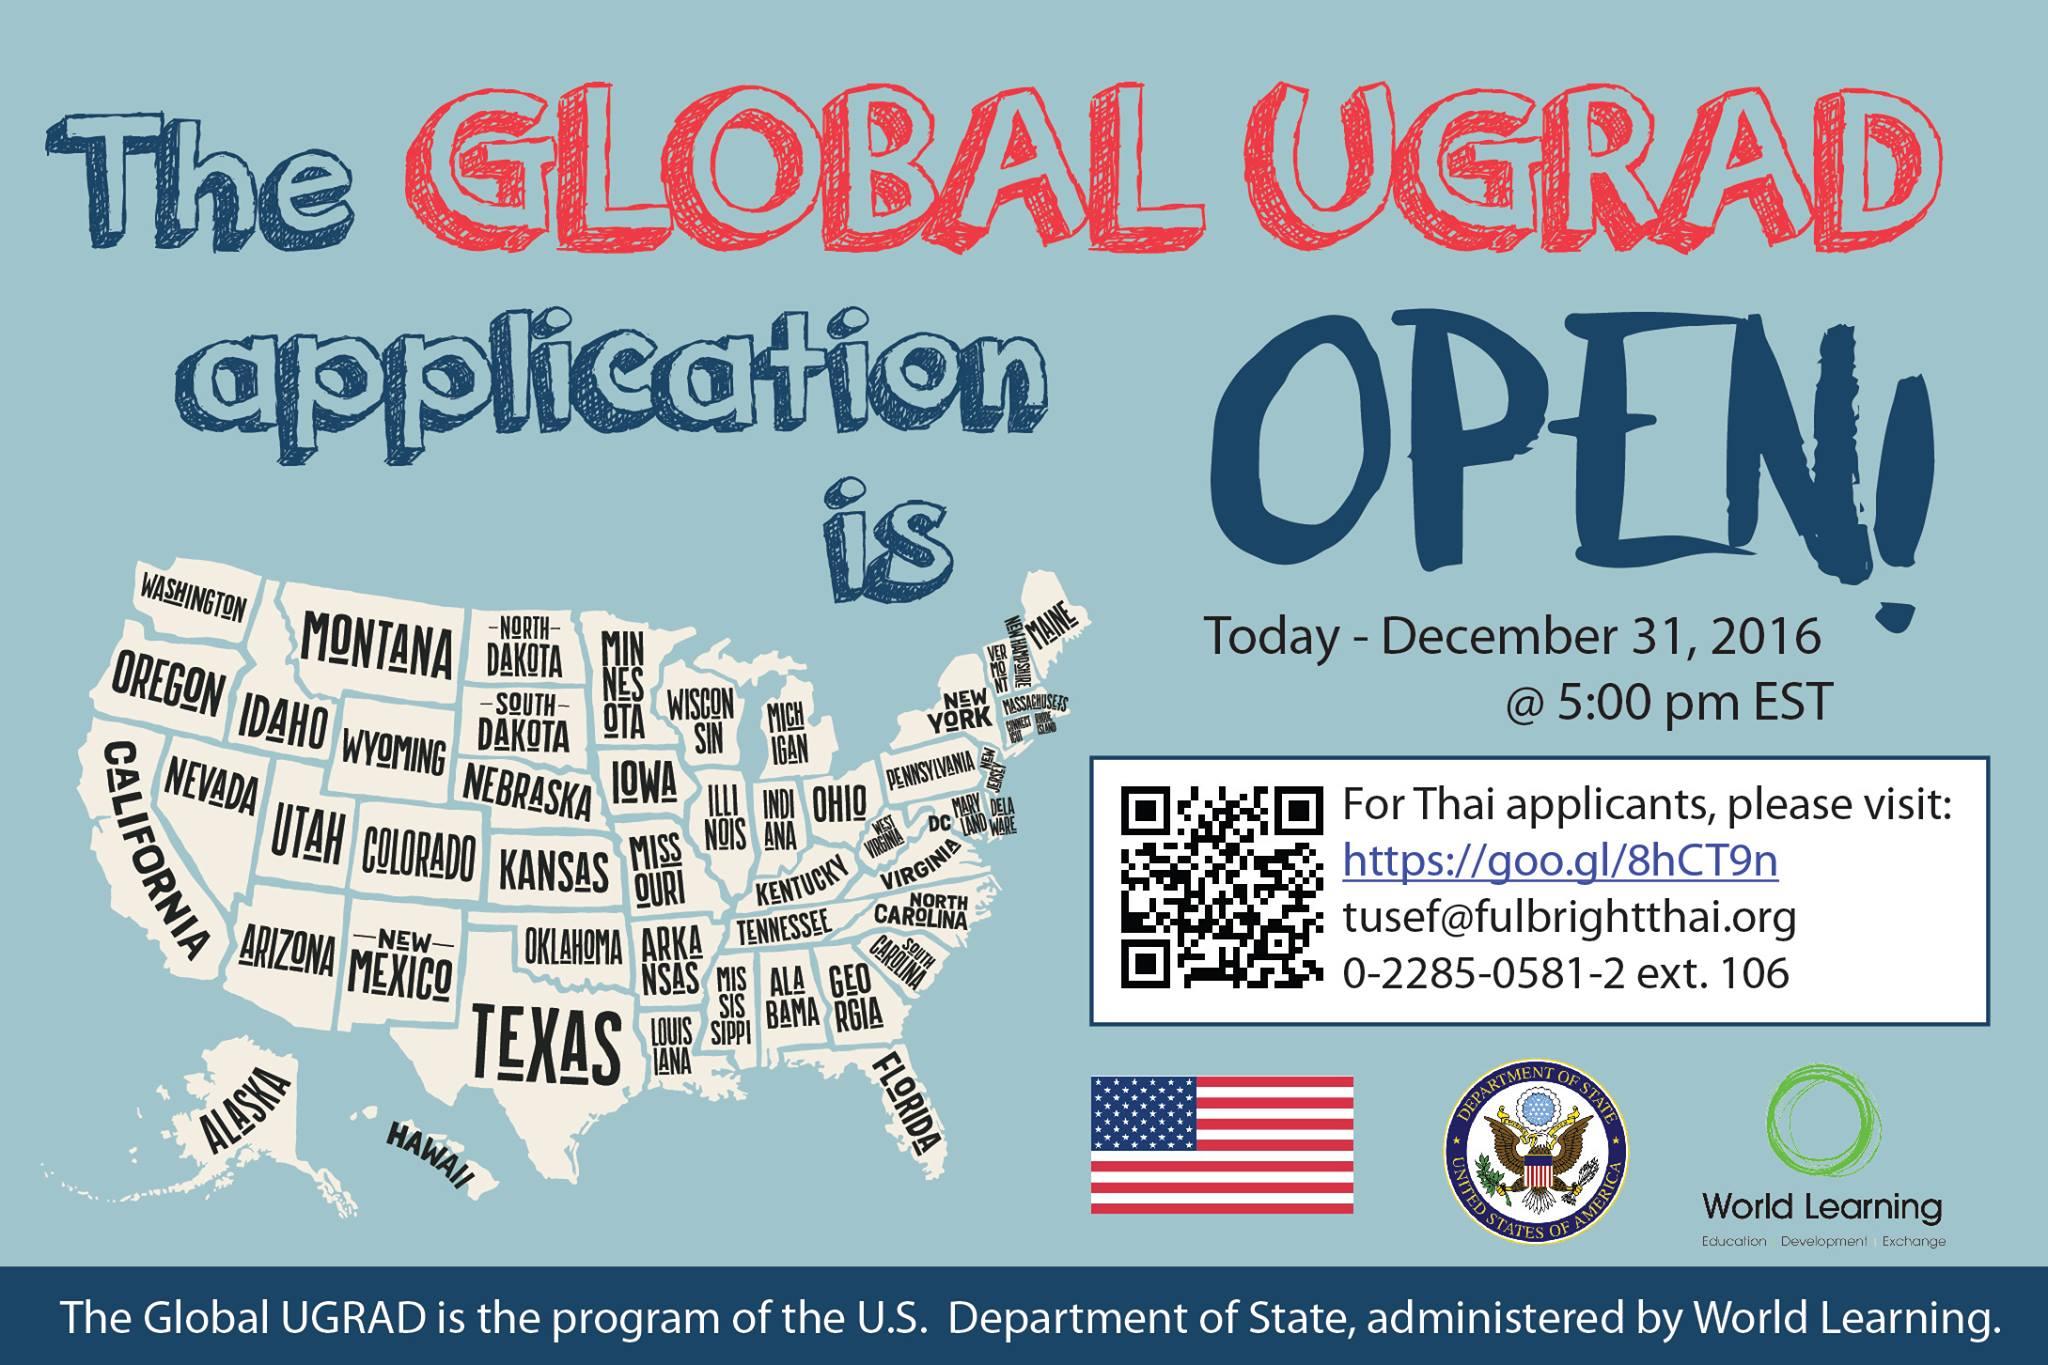 ทุนนักศึกษาแลกเปลี่ยนสำหรับมหาวิทยาลัยในภูมิภาค 2016-2017 Global Undergraduate Exchange Program (UGRAD)